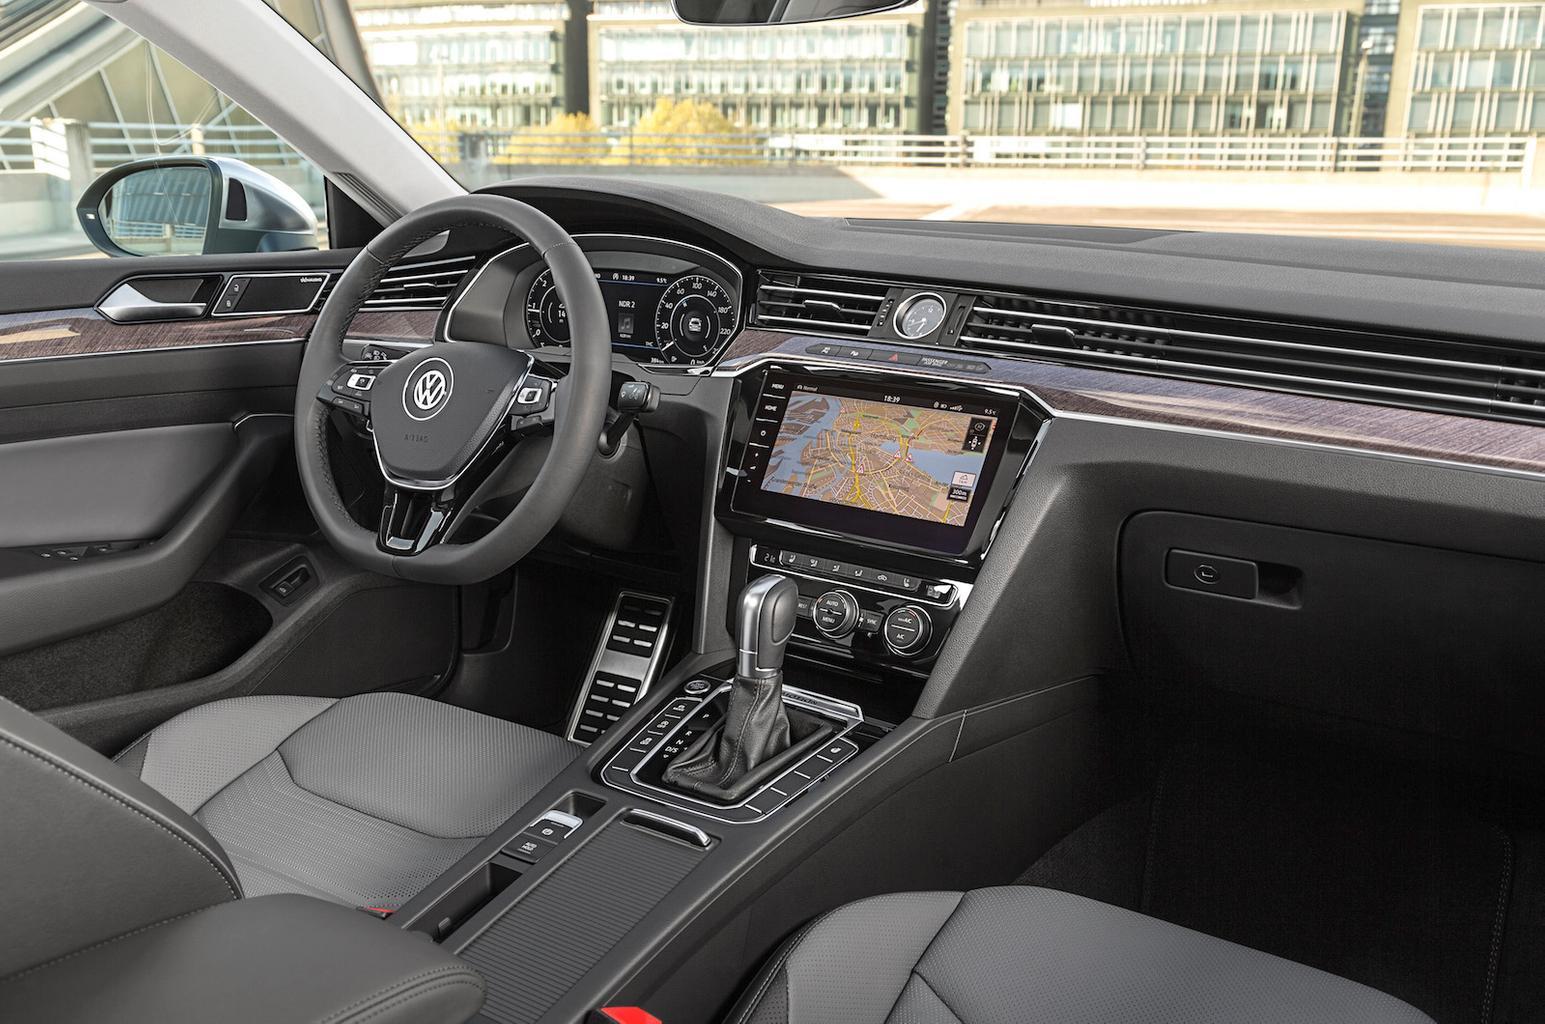 2017 Volkswagen Arteon review - price, specs and release date